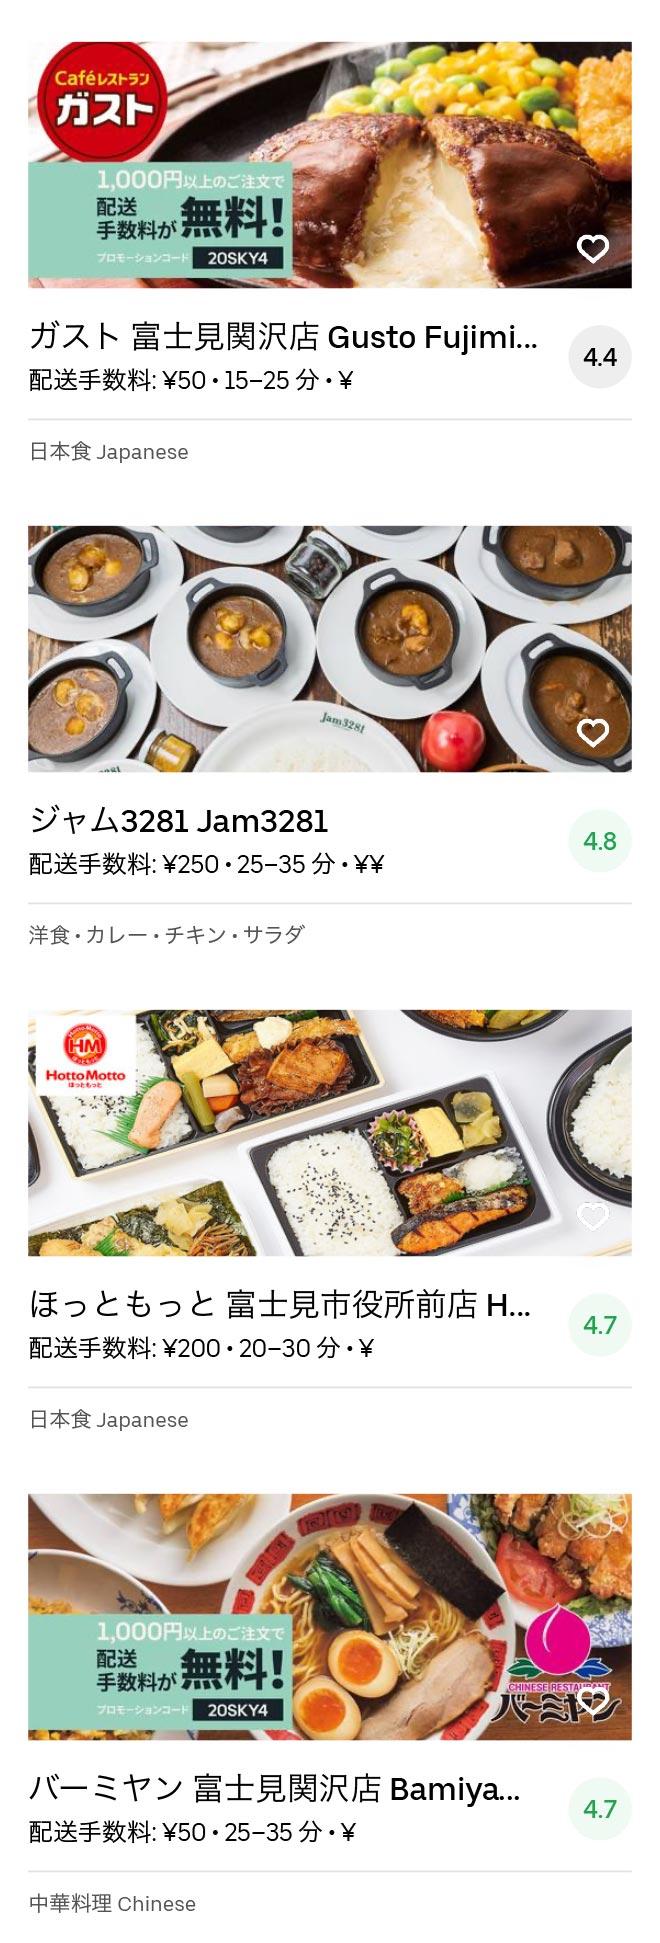 Fujimi tsuruse menu 2004 01